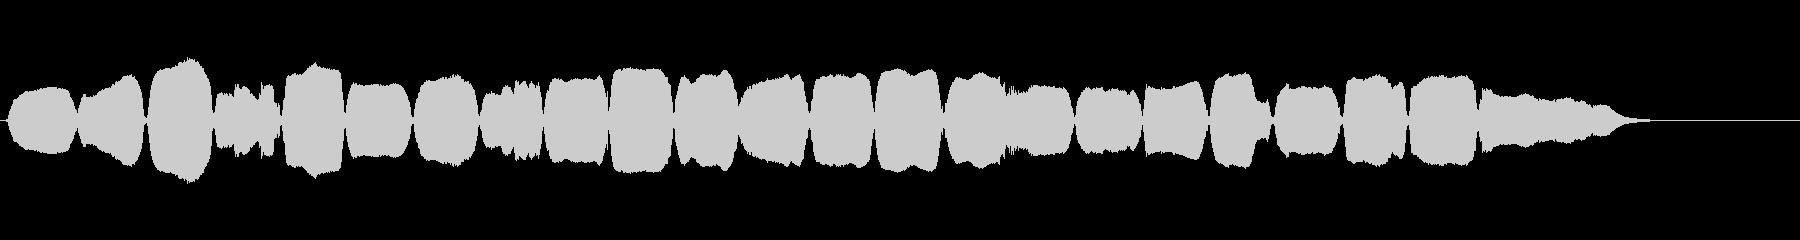 バイオリン:上下のスケール、漫画コ...の未再生の波形